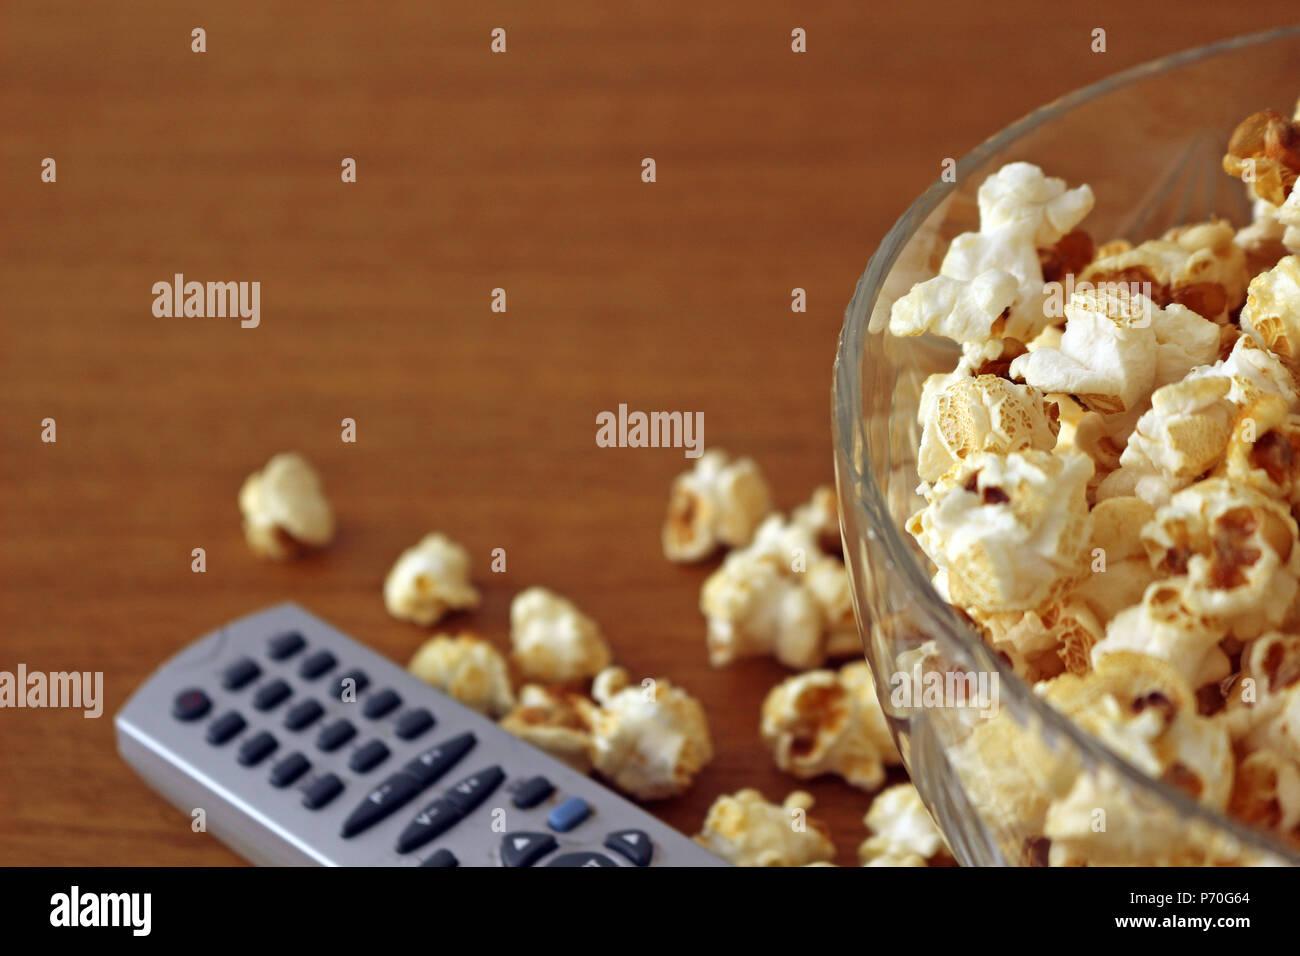 Dans un bol de pop-corn à côté d'une télécommande Banque D'Images